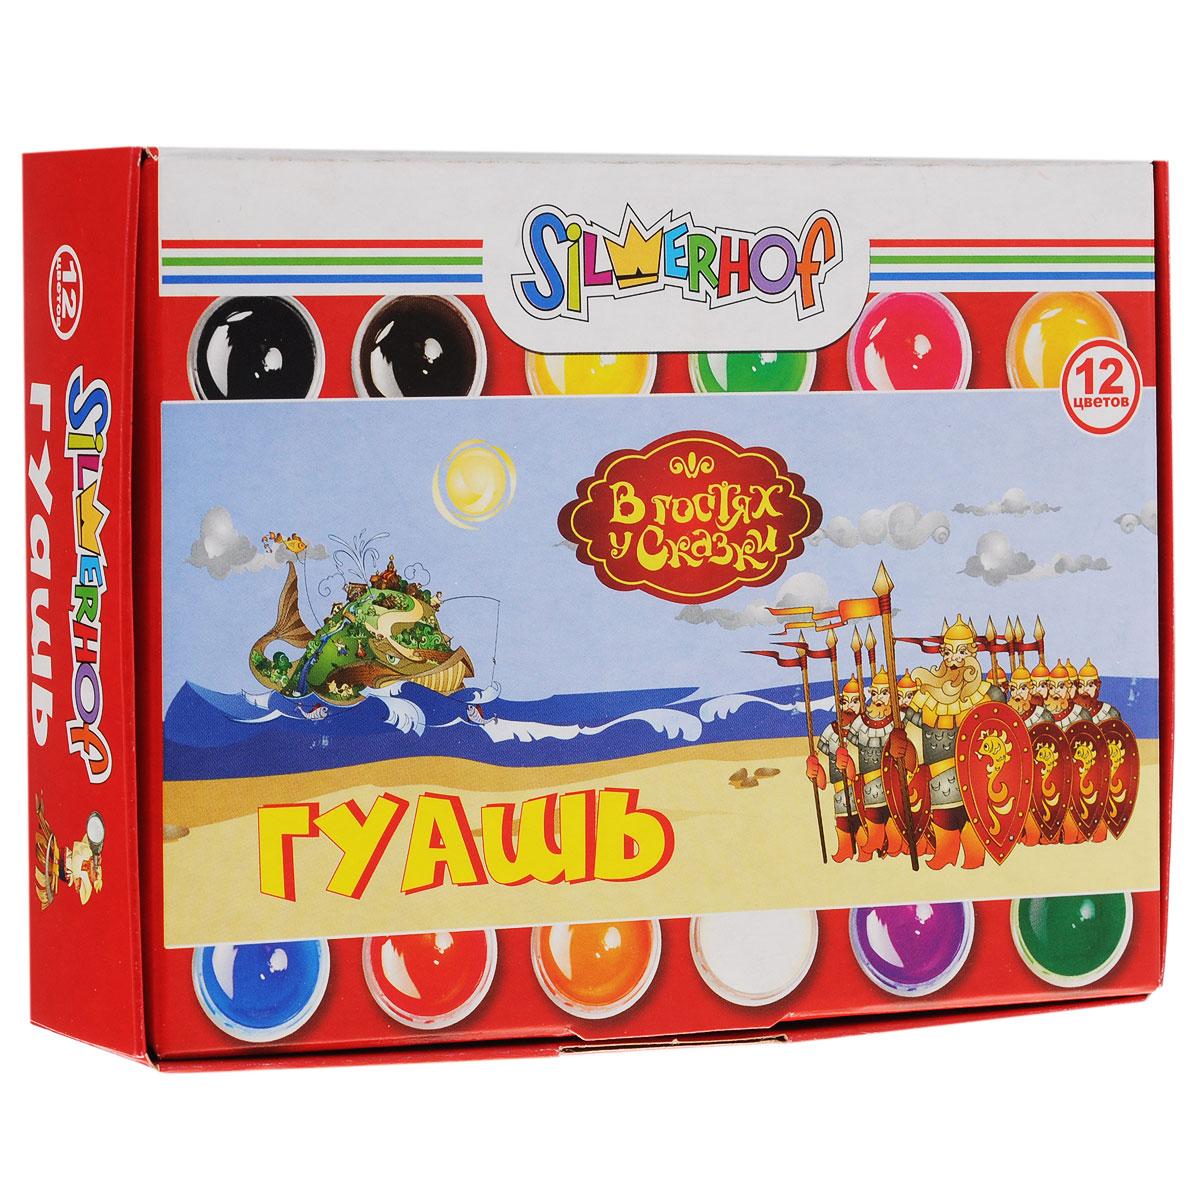 Гуашь Silwerhof В гостях у сказки, 12 цветов962059-12Гуашь Silwerhof В гостях у сказки предназначена для детского творчества, выполнения художественно-декоративных, оформительских работ. Набор состоит из 12 ярких и насыщенных цветов (белый, желтый, охра, оранжевый, красный, рубиновый, коричневый, светло-зеленый, зеленый, синий, фиолетовый, черный), обладающих однородным окрашиванием. Каждый цвет упакован в прозрачную пластиковую баночку с крышкой. Краска предназначена для рисования на бумаге и картоне. При смешивании краски получается множество новых оттенков. Работа с гуашью будет способствовать развитию творческой личности ребенка, а также развитию цветового восприятия. Рекомендуемый возраст: от 3 лет.